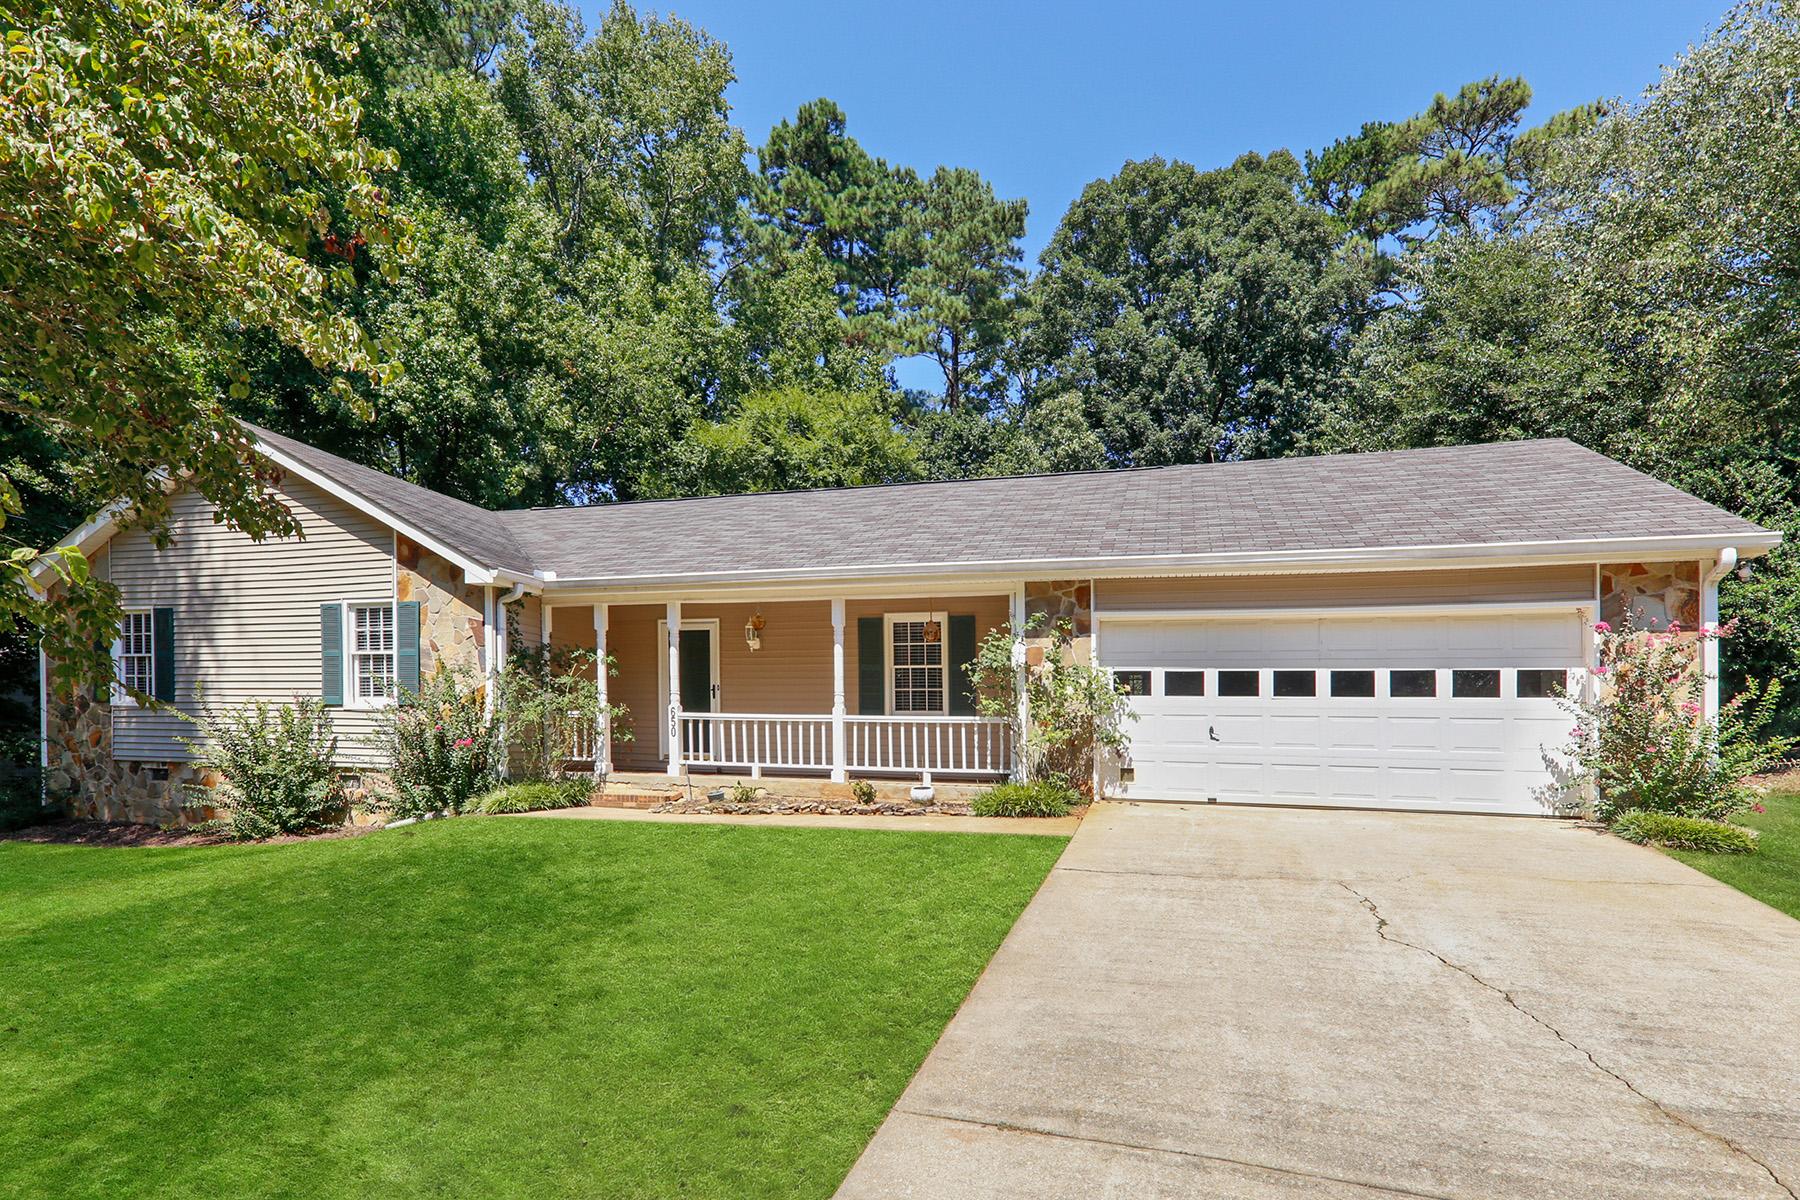 Single Family Homes для того Продажа на Cozy Spring Forest Ranch 650 Spring Forest Dr, Lawrenceville, Джорджия 30043 Соединенные Штаты